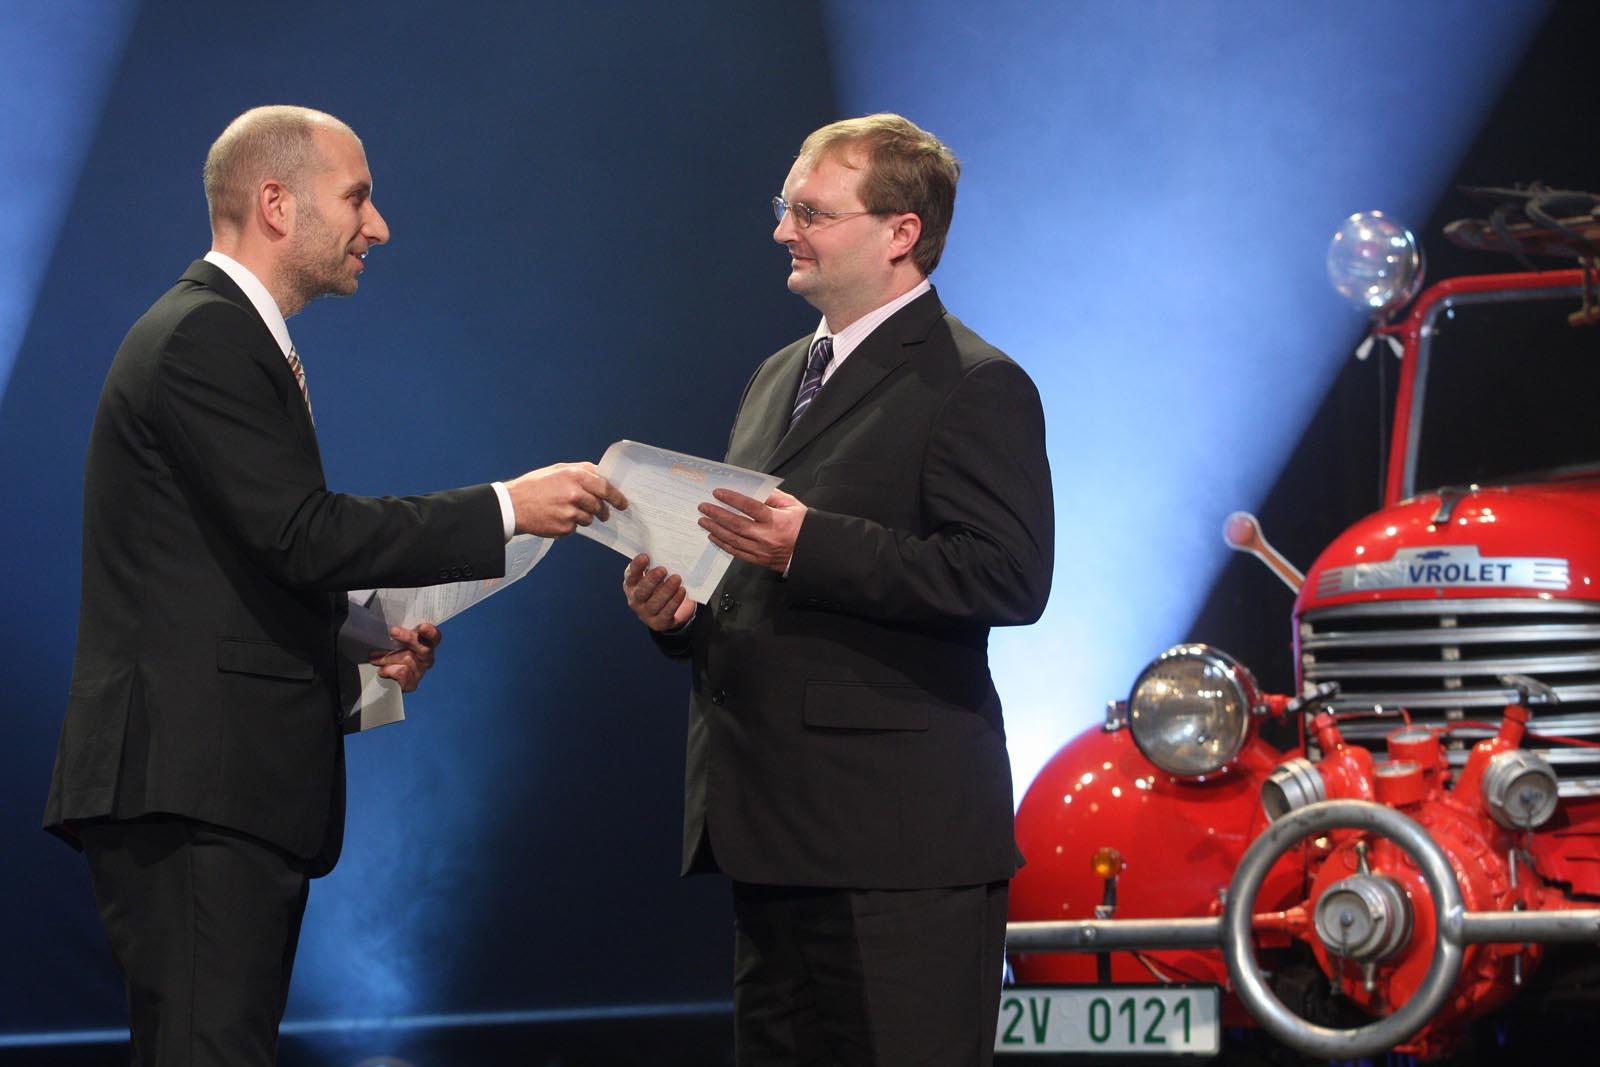 Vítkovice Tours předávají pobyt za hlasování prostřednictvím webového formuláře - Ivan Nehera - vyhlášení výsledků ankety Dobrovolní hasiči roku 2014